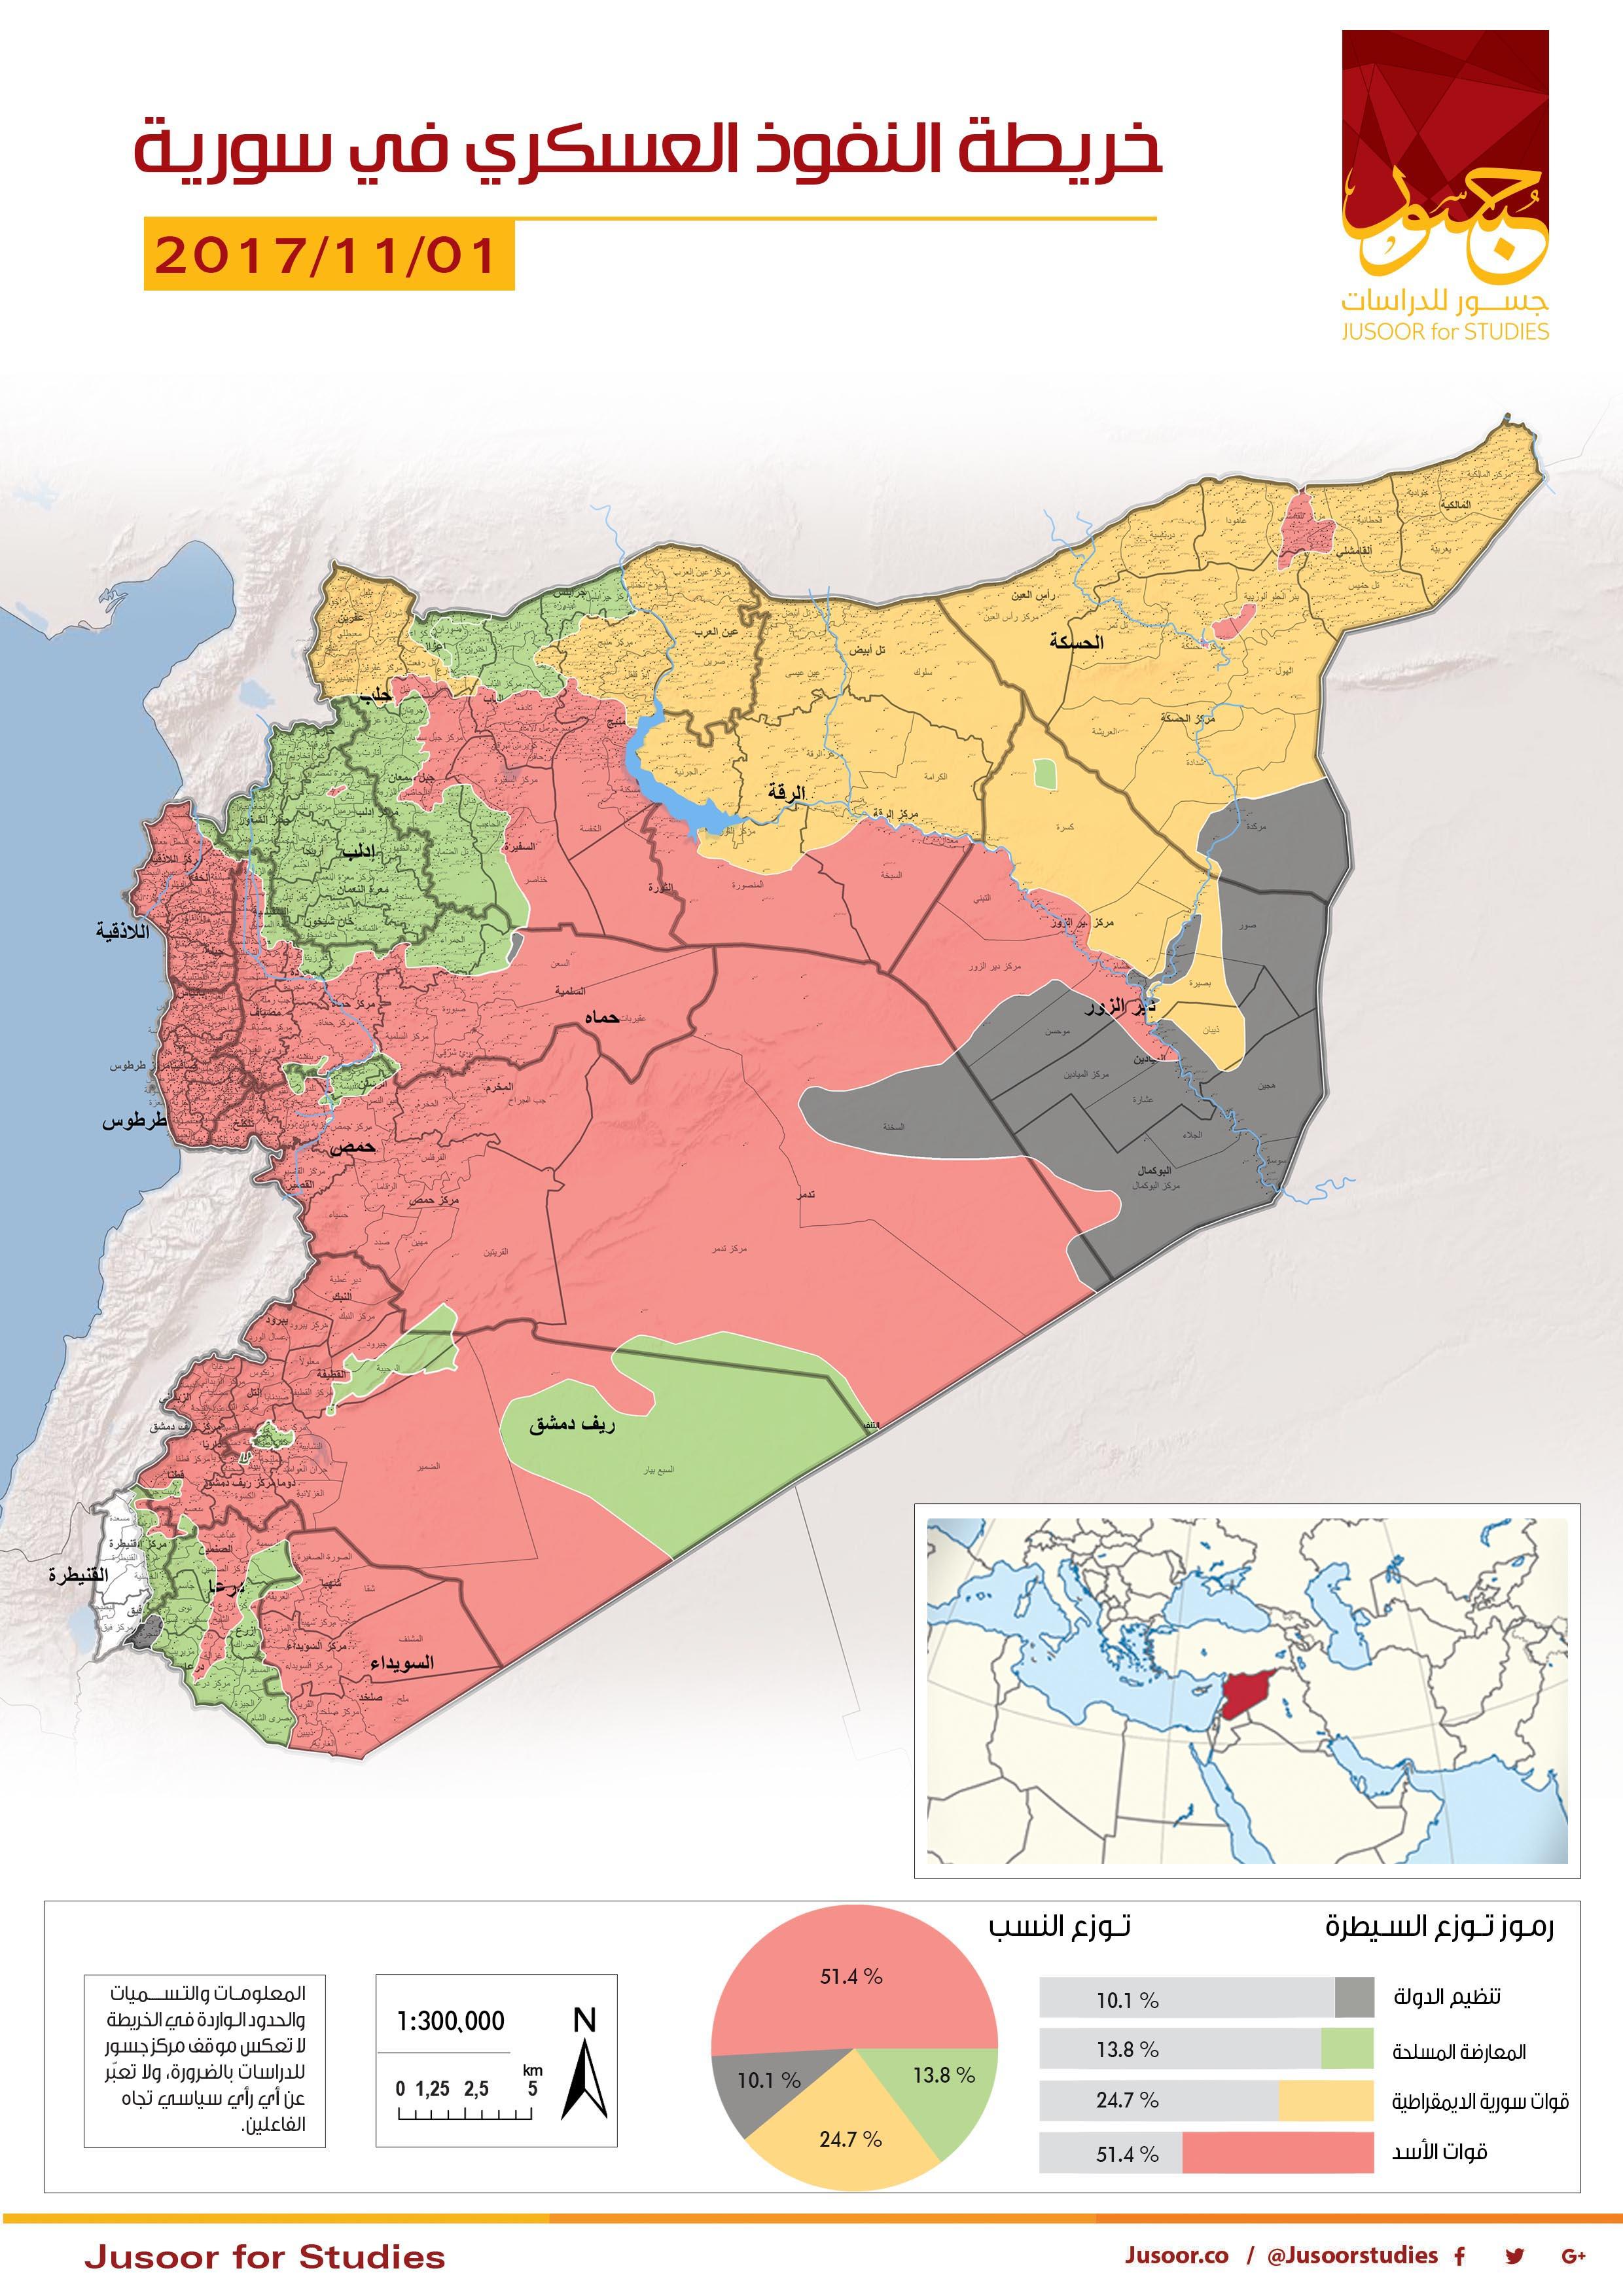 خارطة النفوذ العسكري في سوريا من حاز حصة الأسد الخليج أونلاين